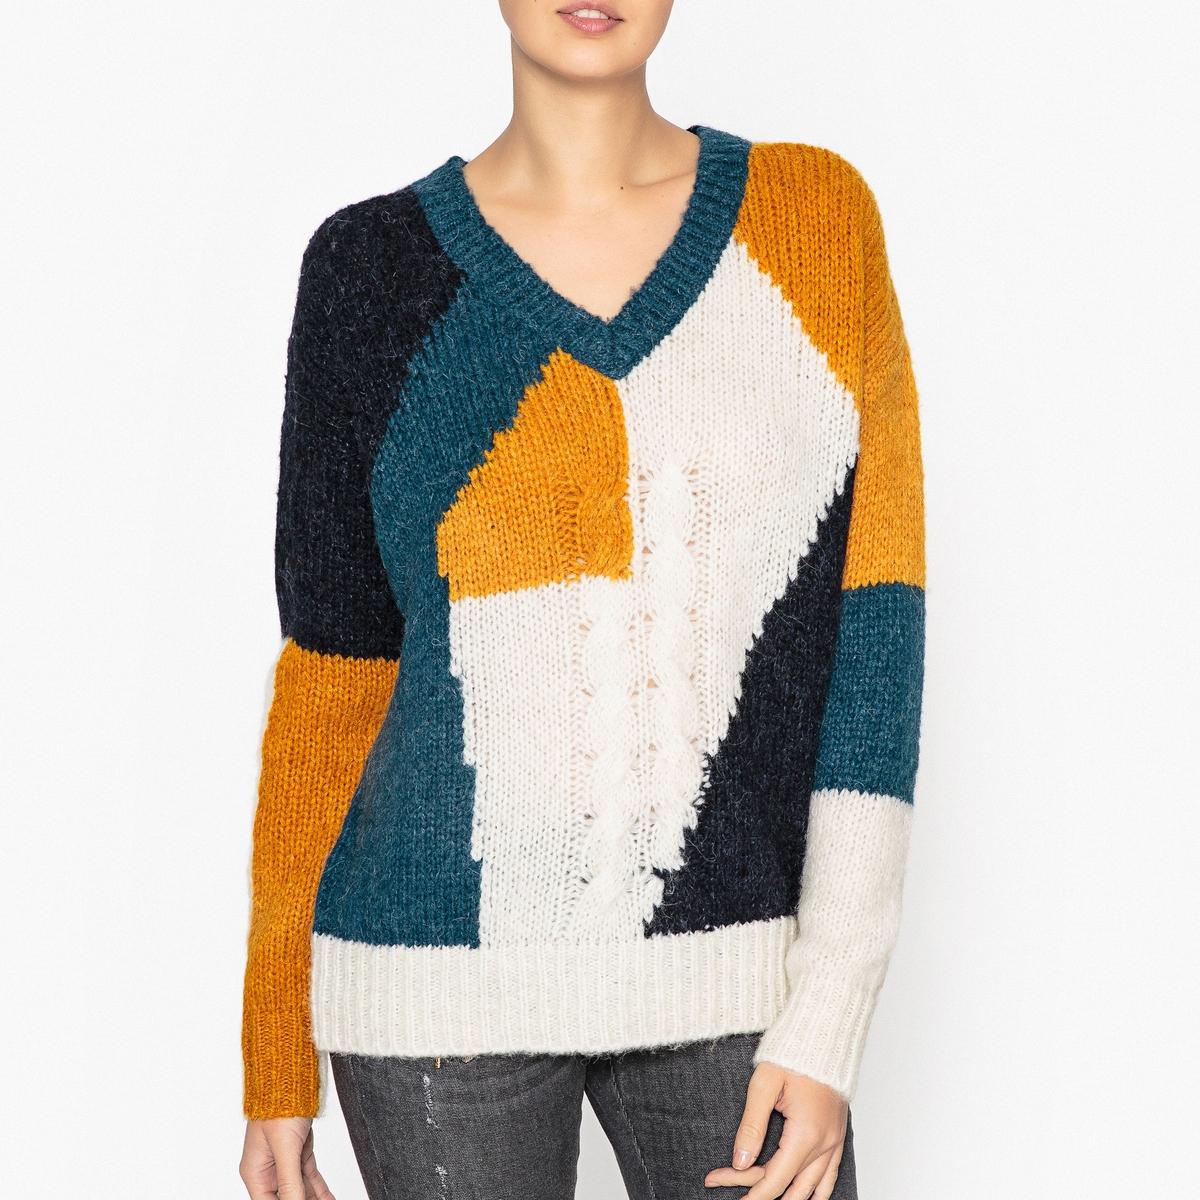 Пуловер с V-образным вырезом TONYЦветной пуловер с длинными рукавами BERENICE - модель TONY с V-образным вырезом.Детали   •  Длинные рукава •   V-образный вырез •  Плотный трикотаж Состав и уход   •  53% шерсти, 17% альпаки, 30% полиамида •  Следуйте советам по уходу, указанным на этикетке<br><br>Цвет: разноцветный